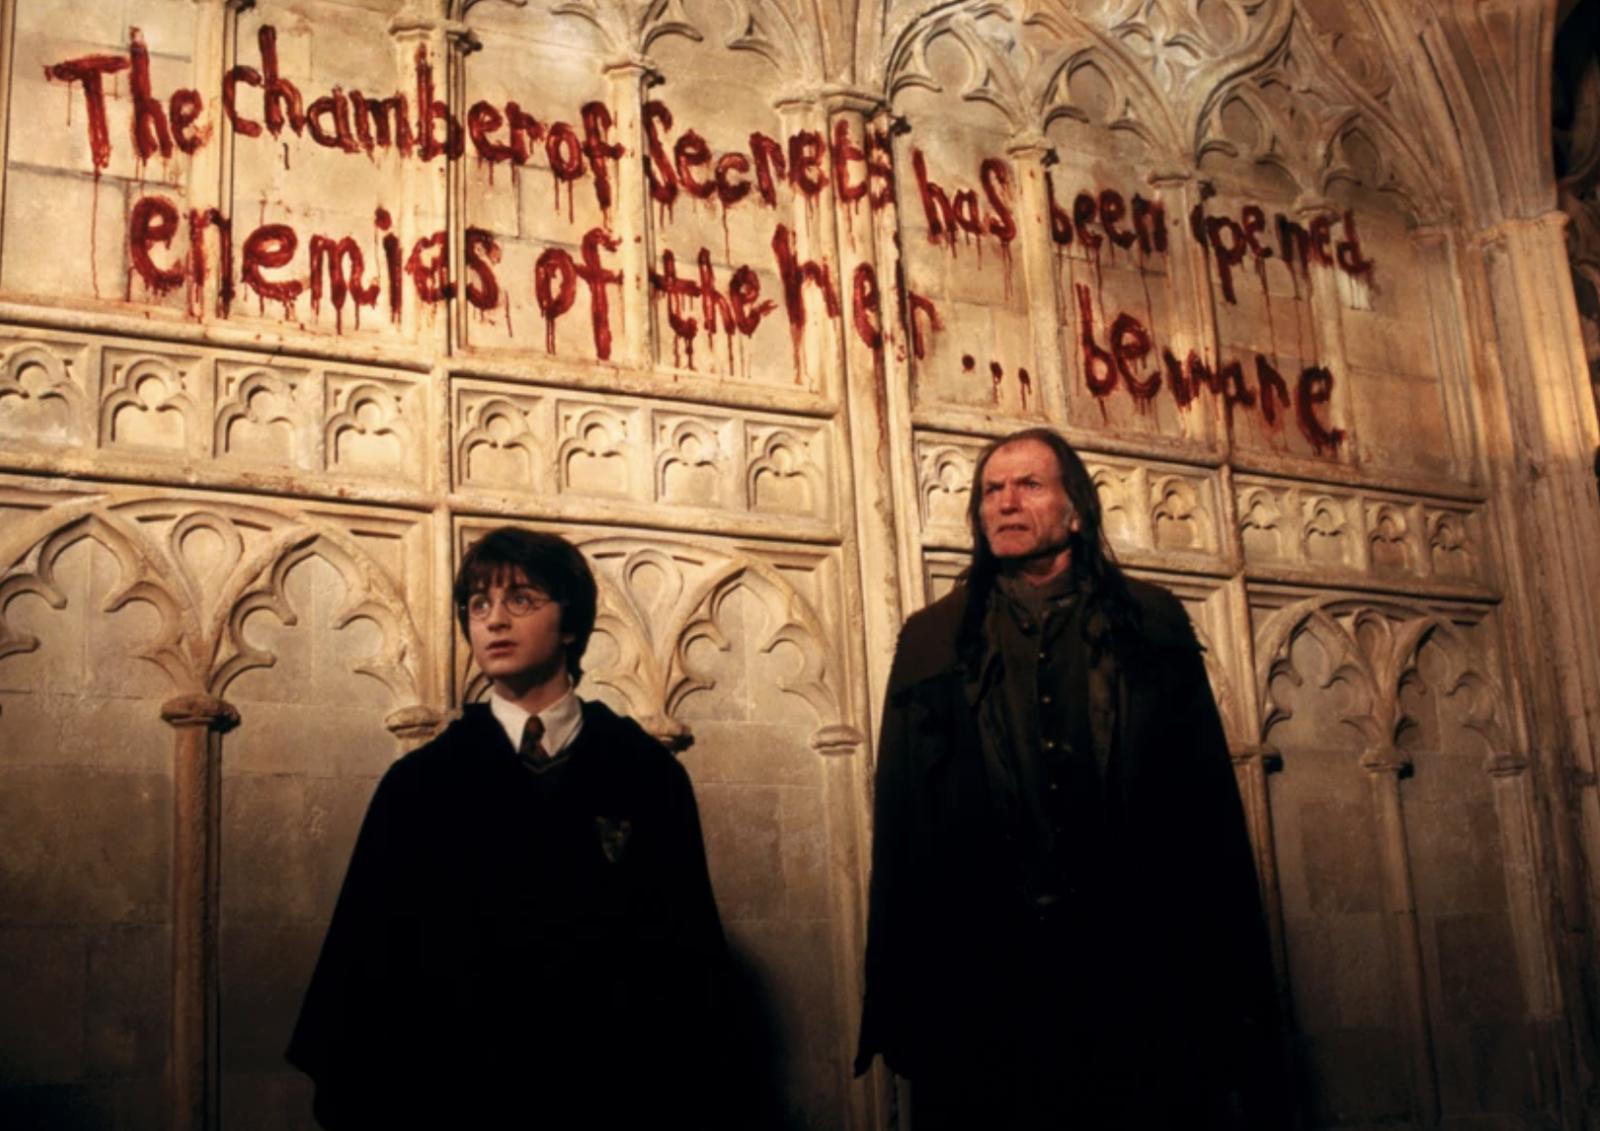 Ron et Hermione datant dans la vie réelle âgé de 16 ans datant de 24 ans